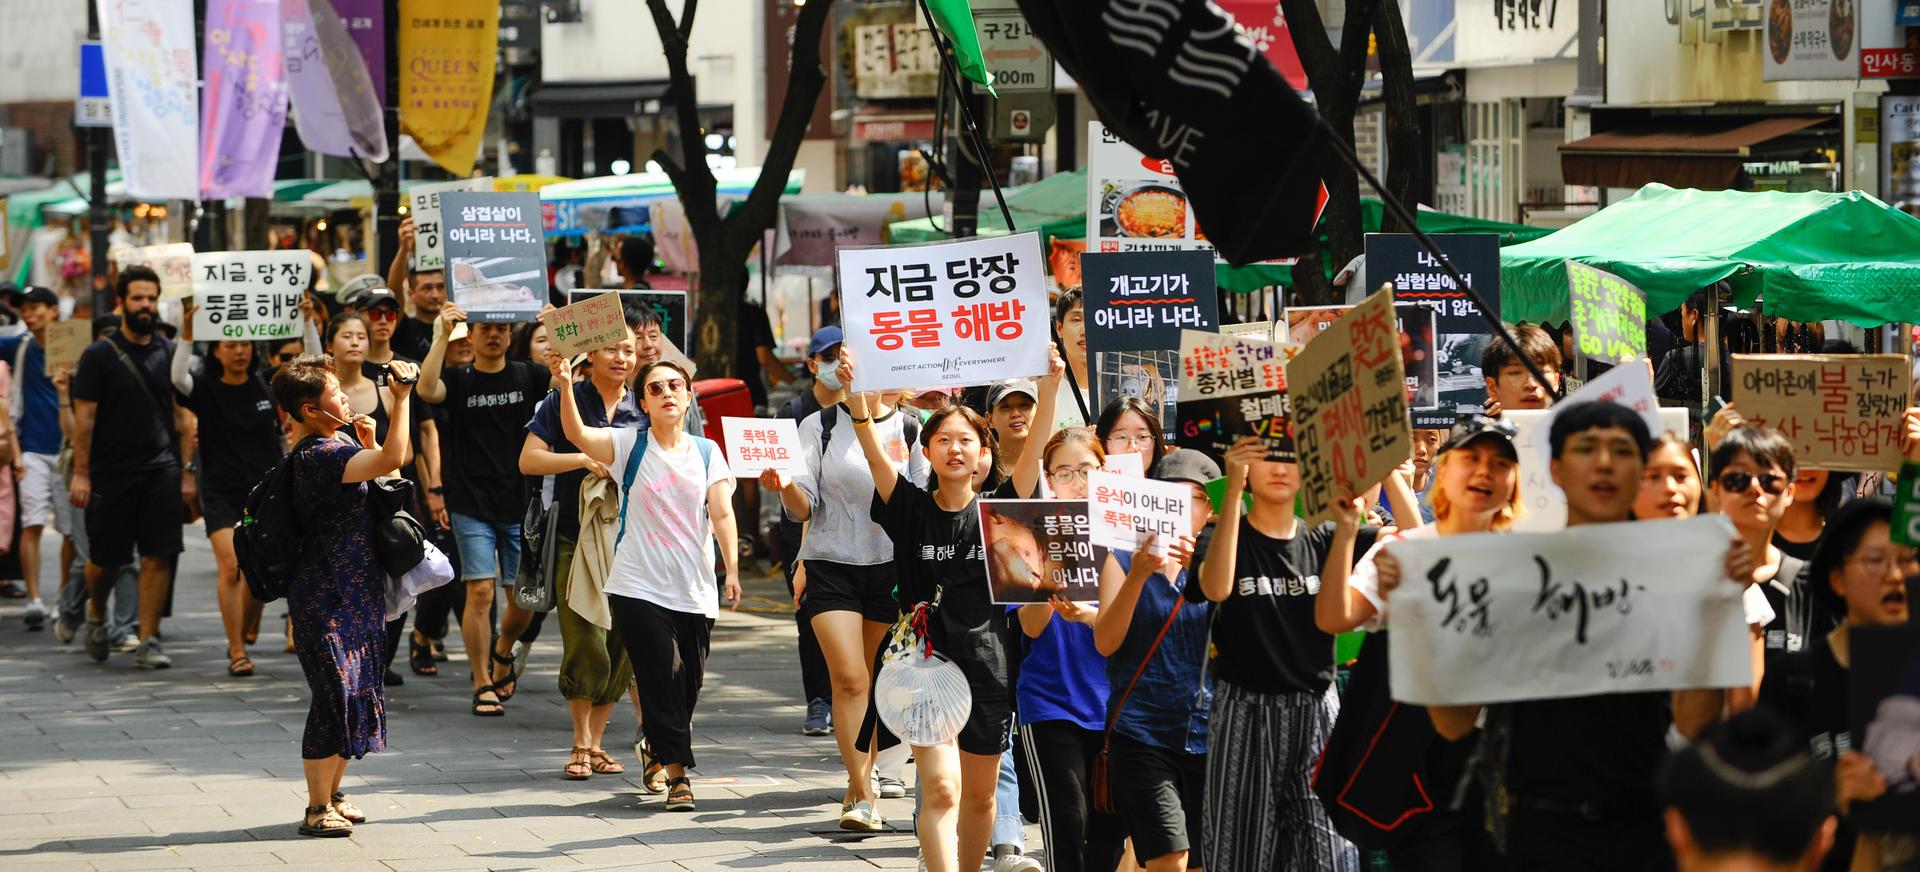 2019년도 '지금 당장, 동물 해방'을 외치며 행진하는 사람들